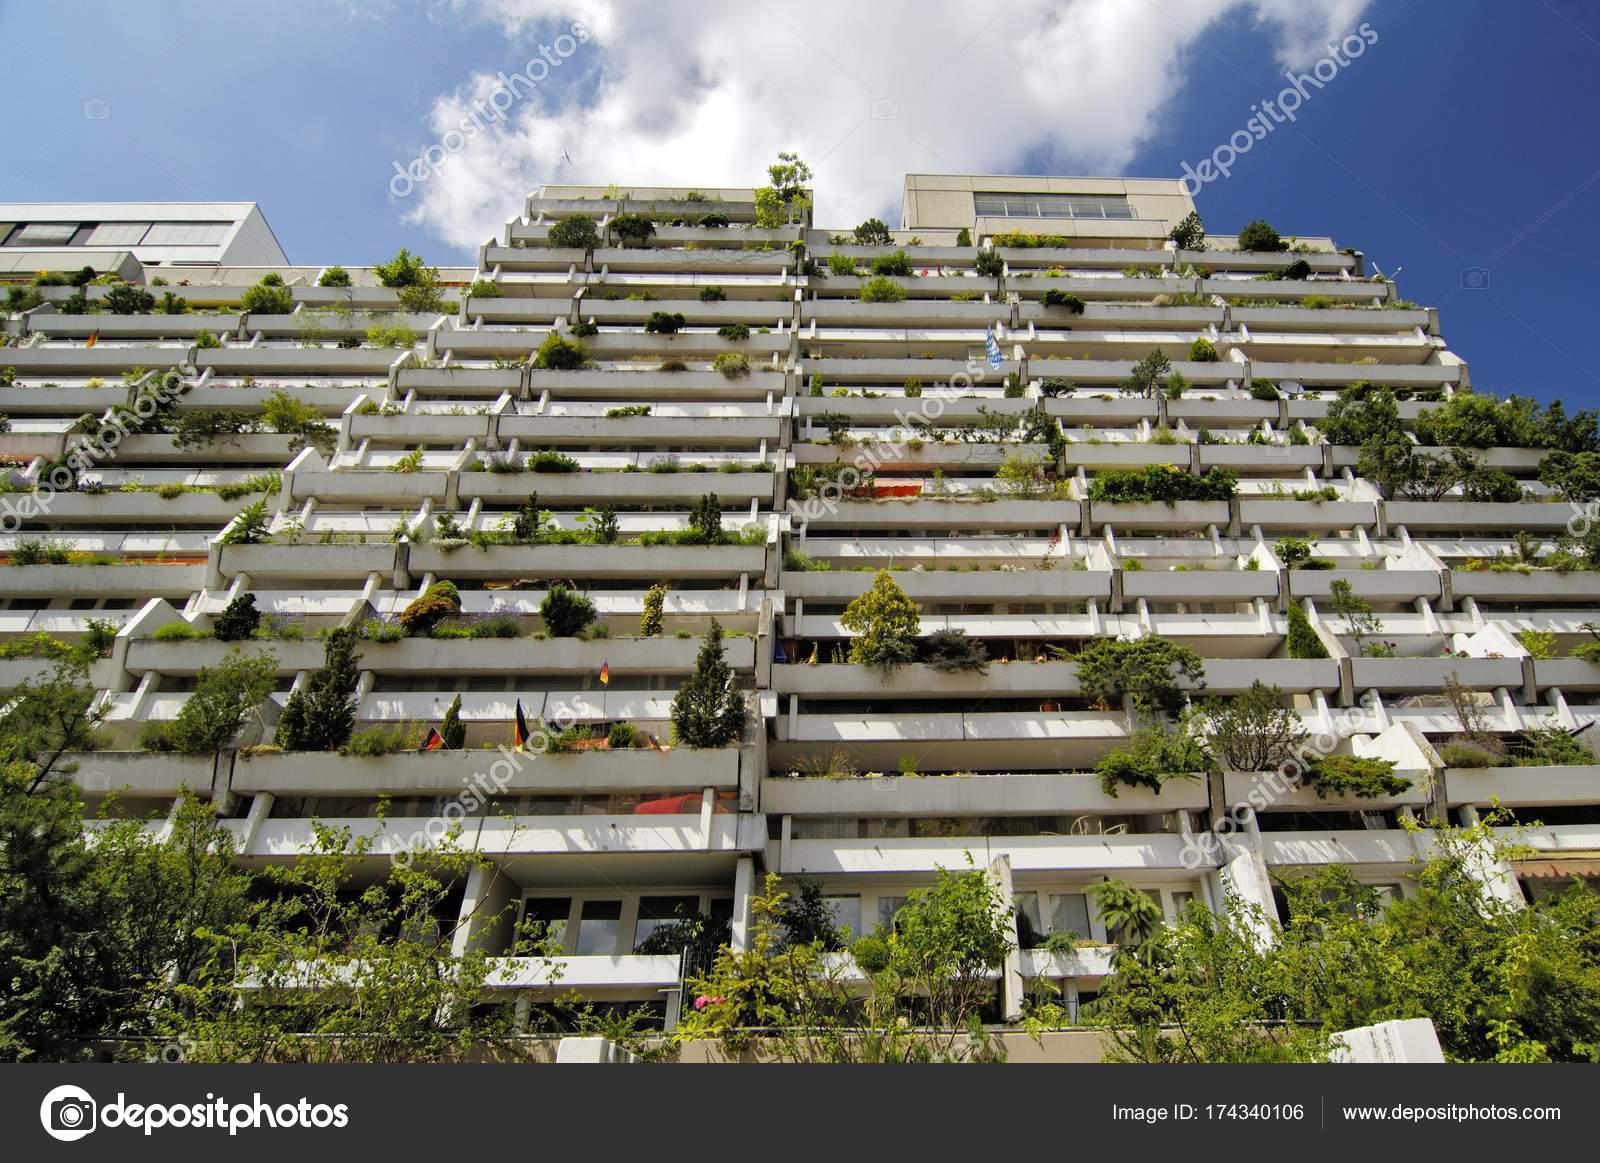 Grüner Beton Balkone Olympiadorf Olympia Hochhaus Wohnungen Dorf